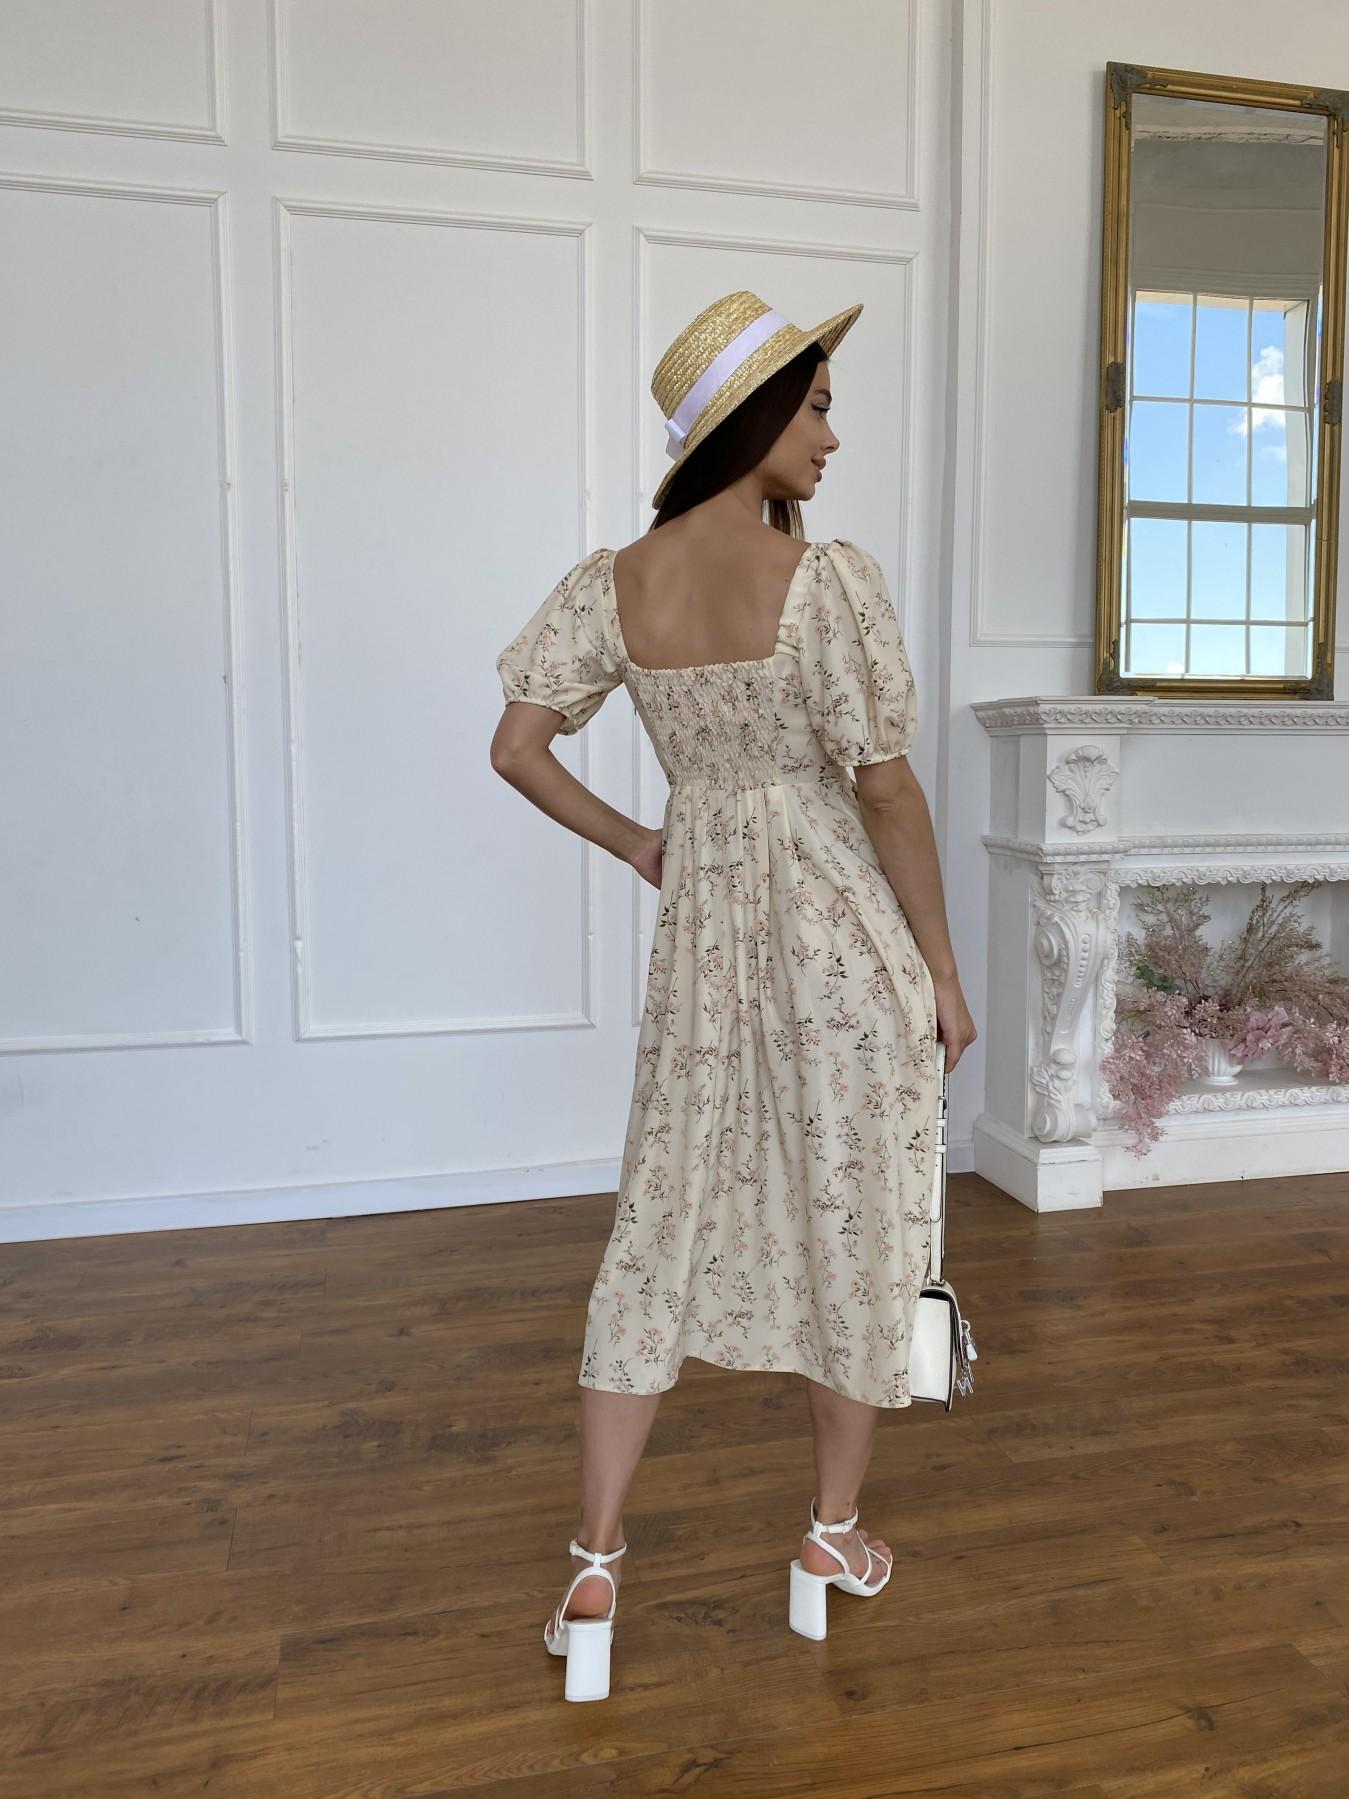 Кисес Миди платье из софт ткани в принт 11348 Цвет: Бежевый св/РозовыеБукетики